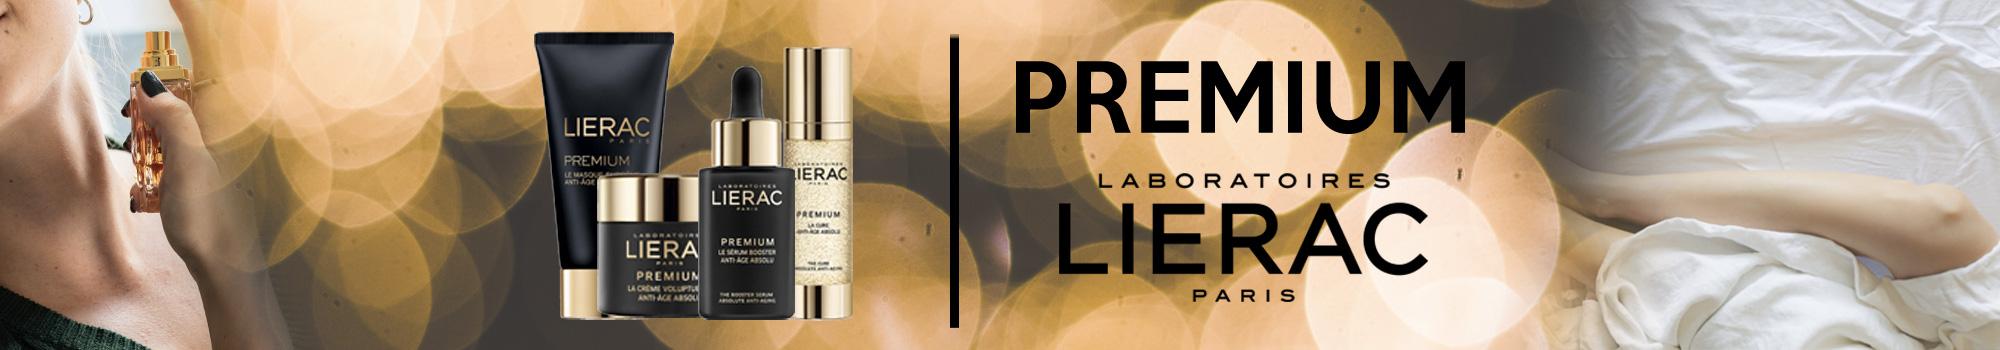 Liérac Premium